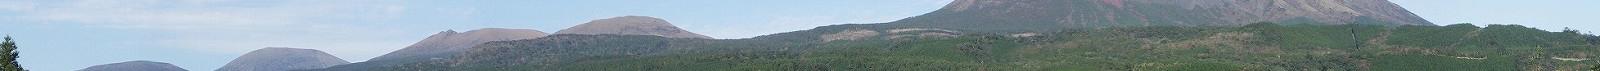 夢見が丘より見た霧島連山8−4